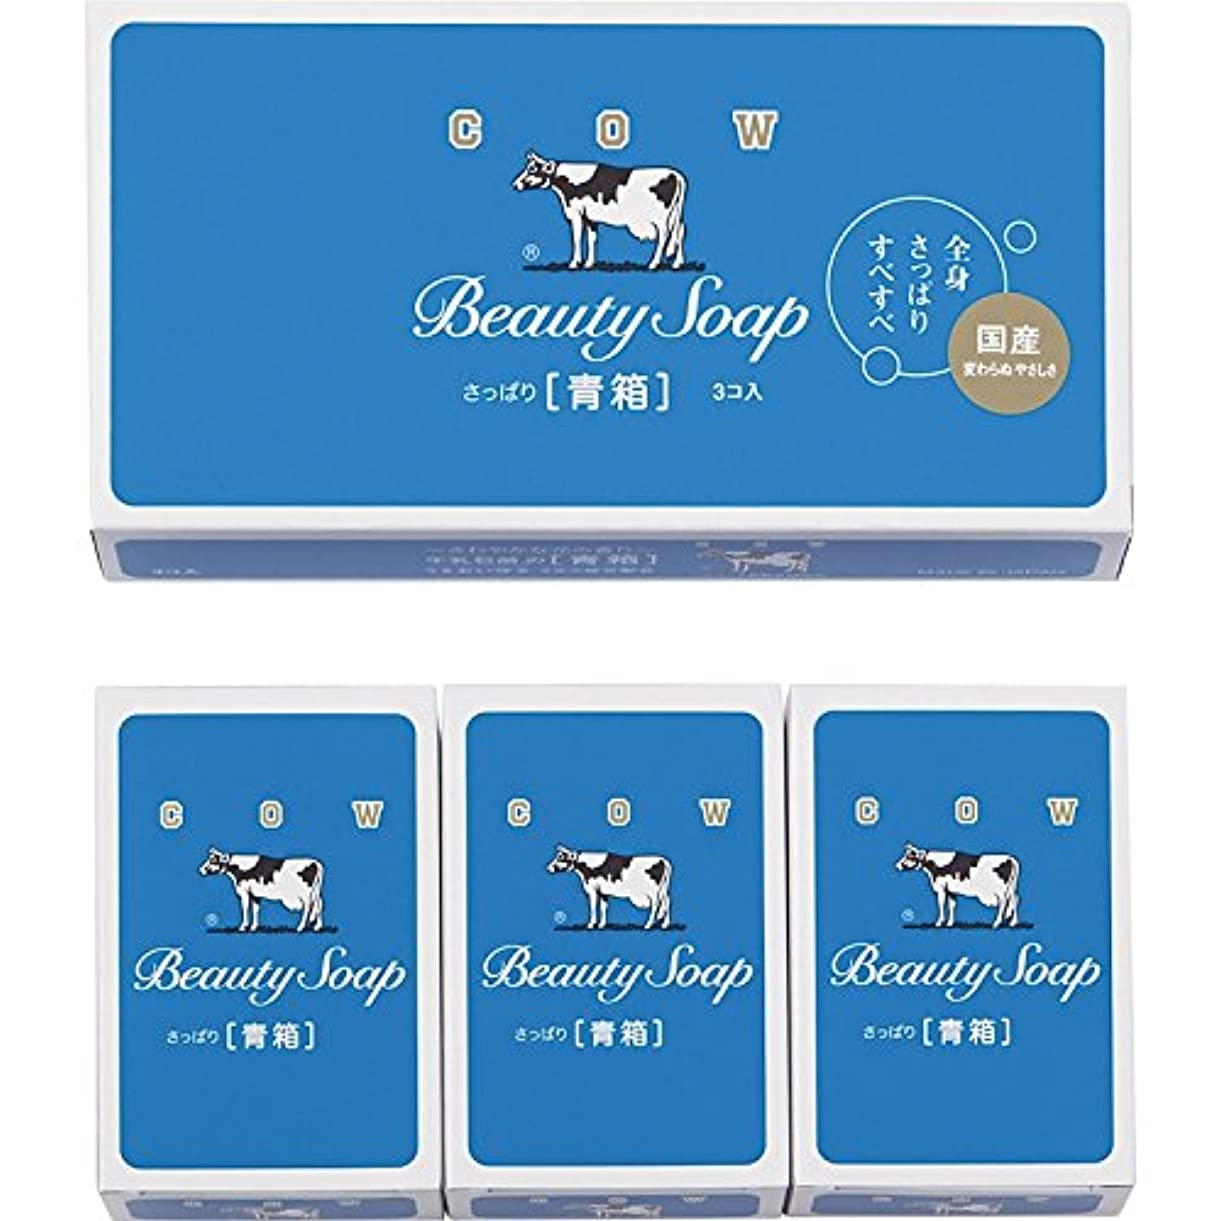 デクリメントプラカード回る牛乳石鹸 青箱3コ入 【国産 日本製 せっけん ぎゅうにゅうせっけん カウブランド かうぶらんど かまだきせんざい じゃすみん はなのかおい 手洗い 】